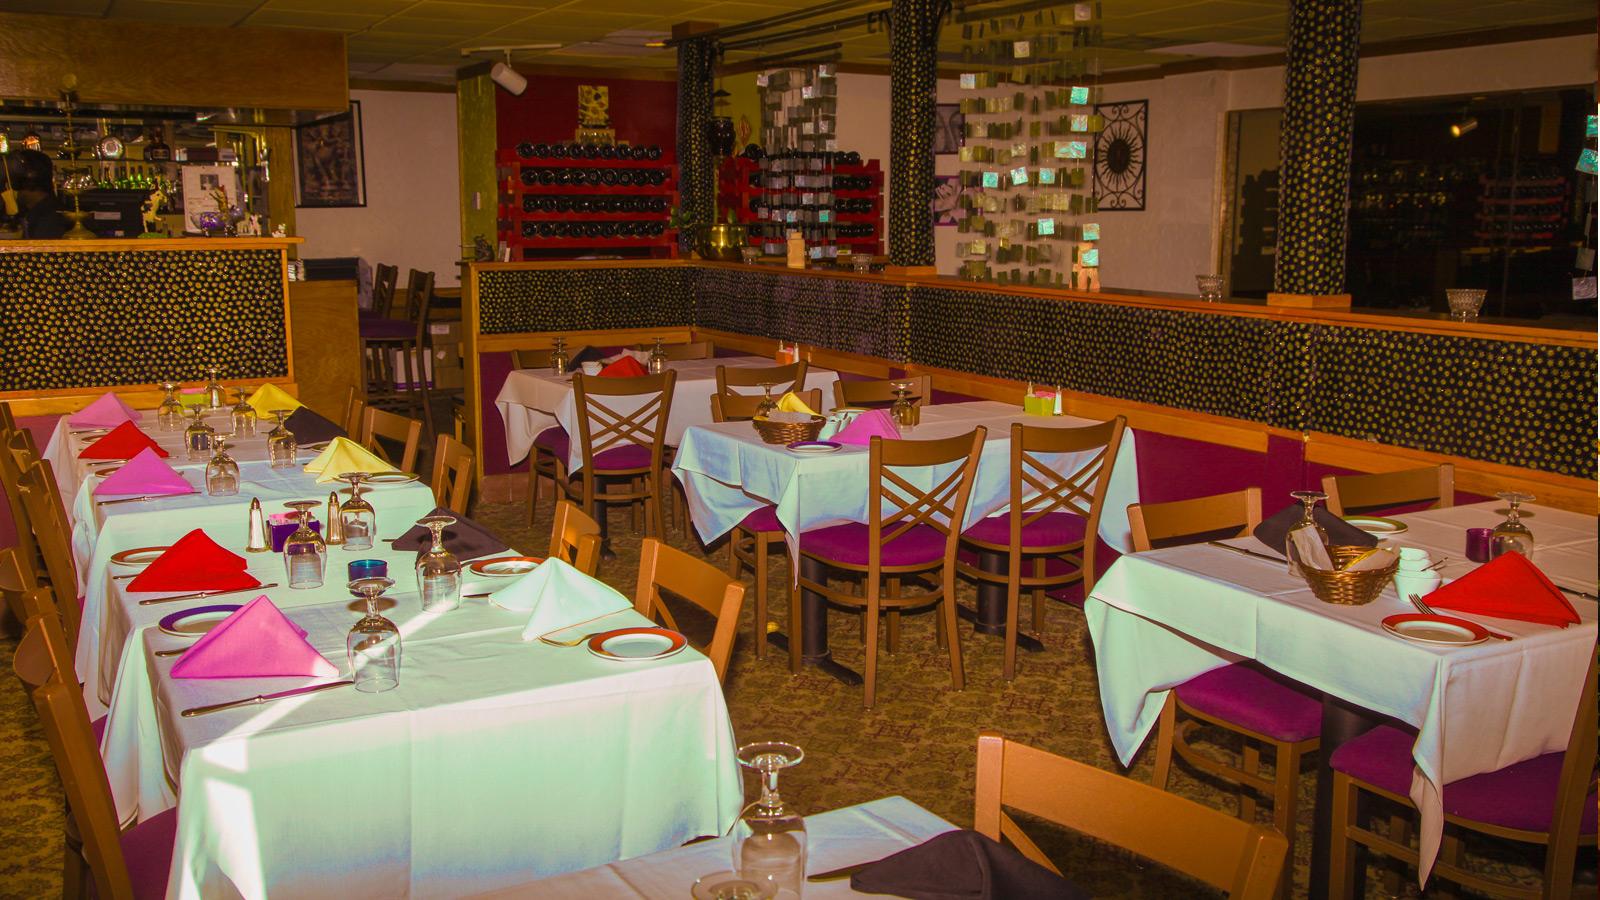 Restaurant Interior Design Ideas India Tips Inspiration Designs